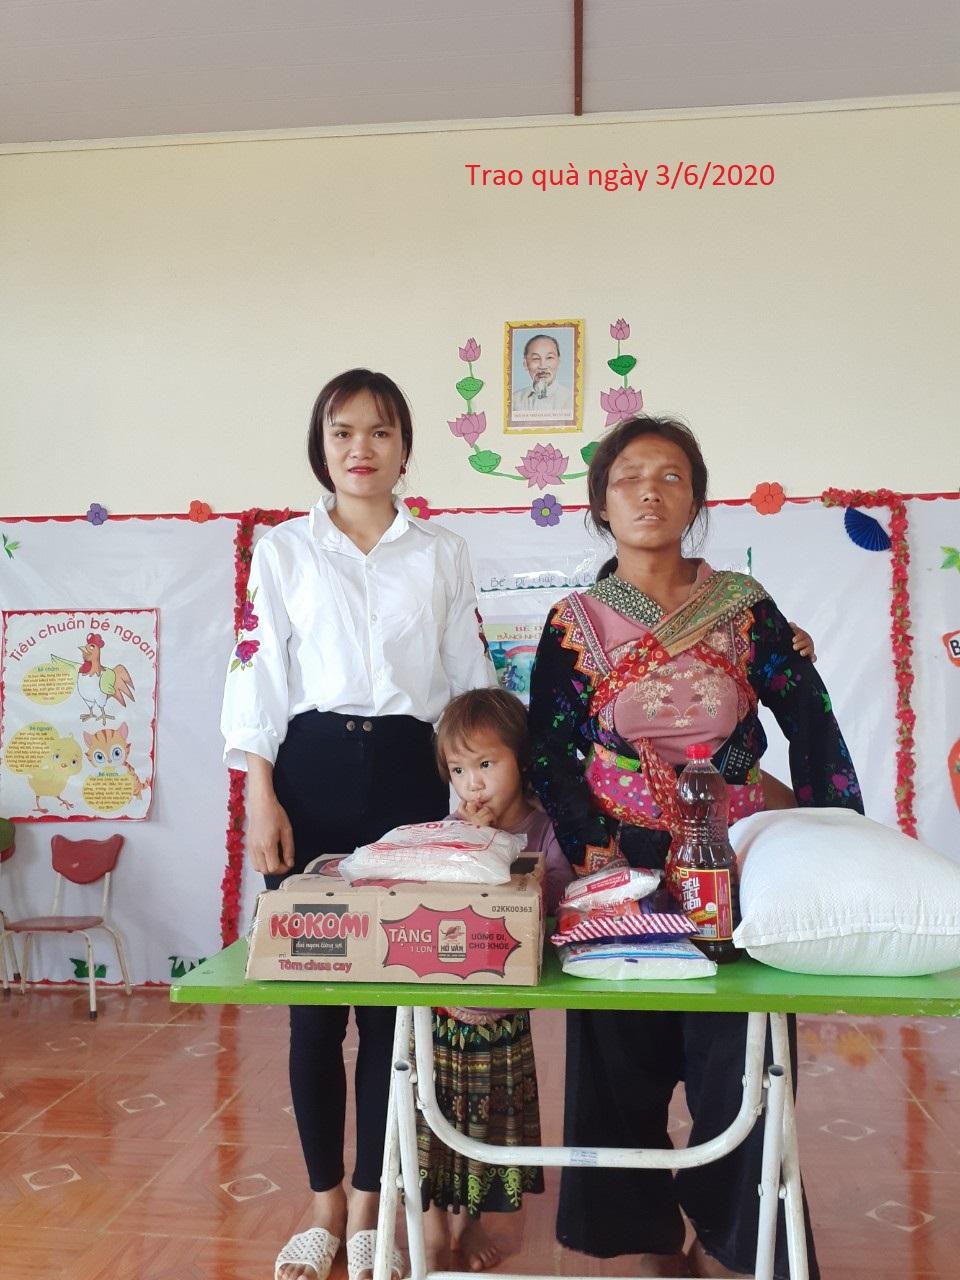 Mỗi tháng 2 lần, những phần quà nhu yếu phẩm được cô giáo Quàng Thị Thủy chuyển tới tận tay mẹ con nhà Sùng Thị Sông ở bản Trung Ghênh, Sá Tổng, Mường Chà.